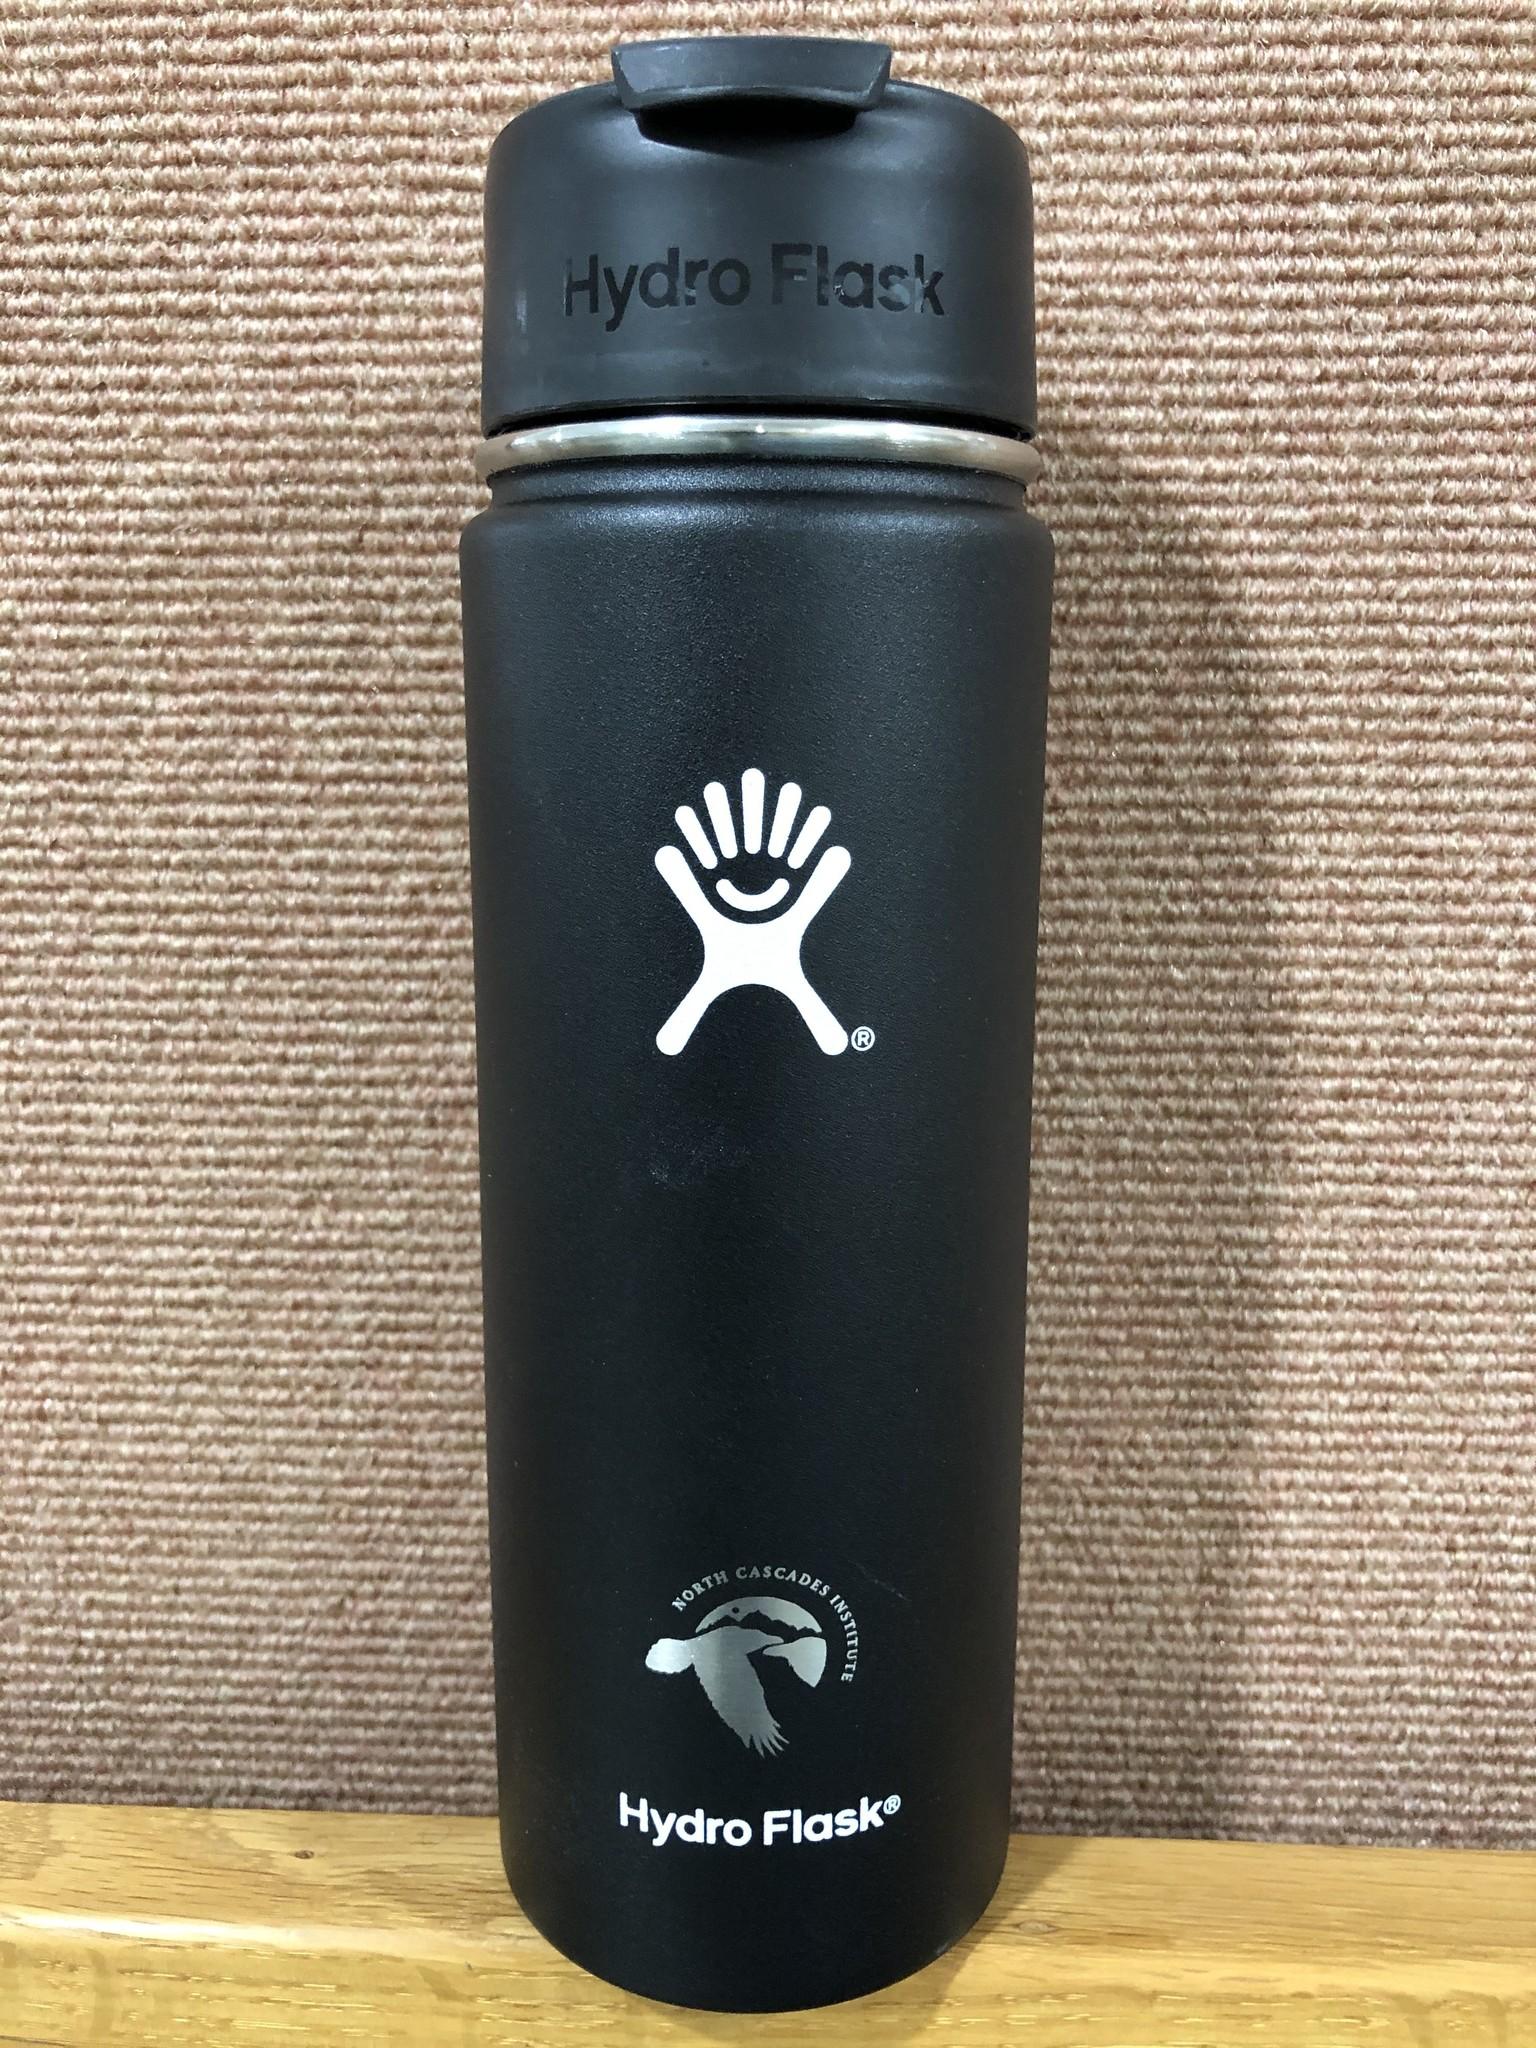 Hydro Flask Hot Drink Bottle NCNP Black 20 oz